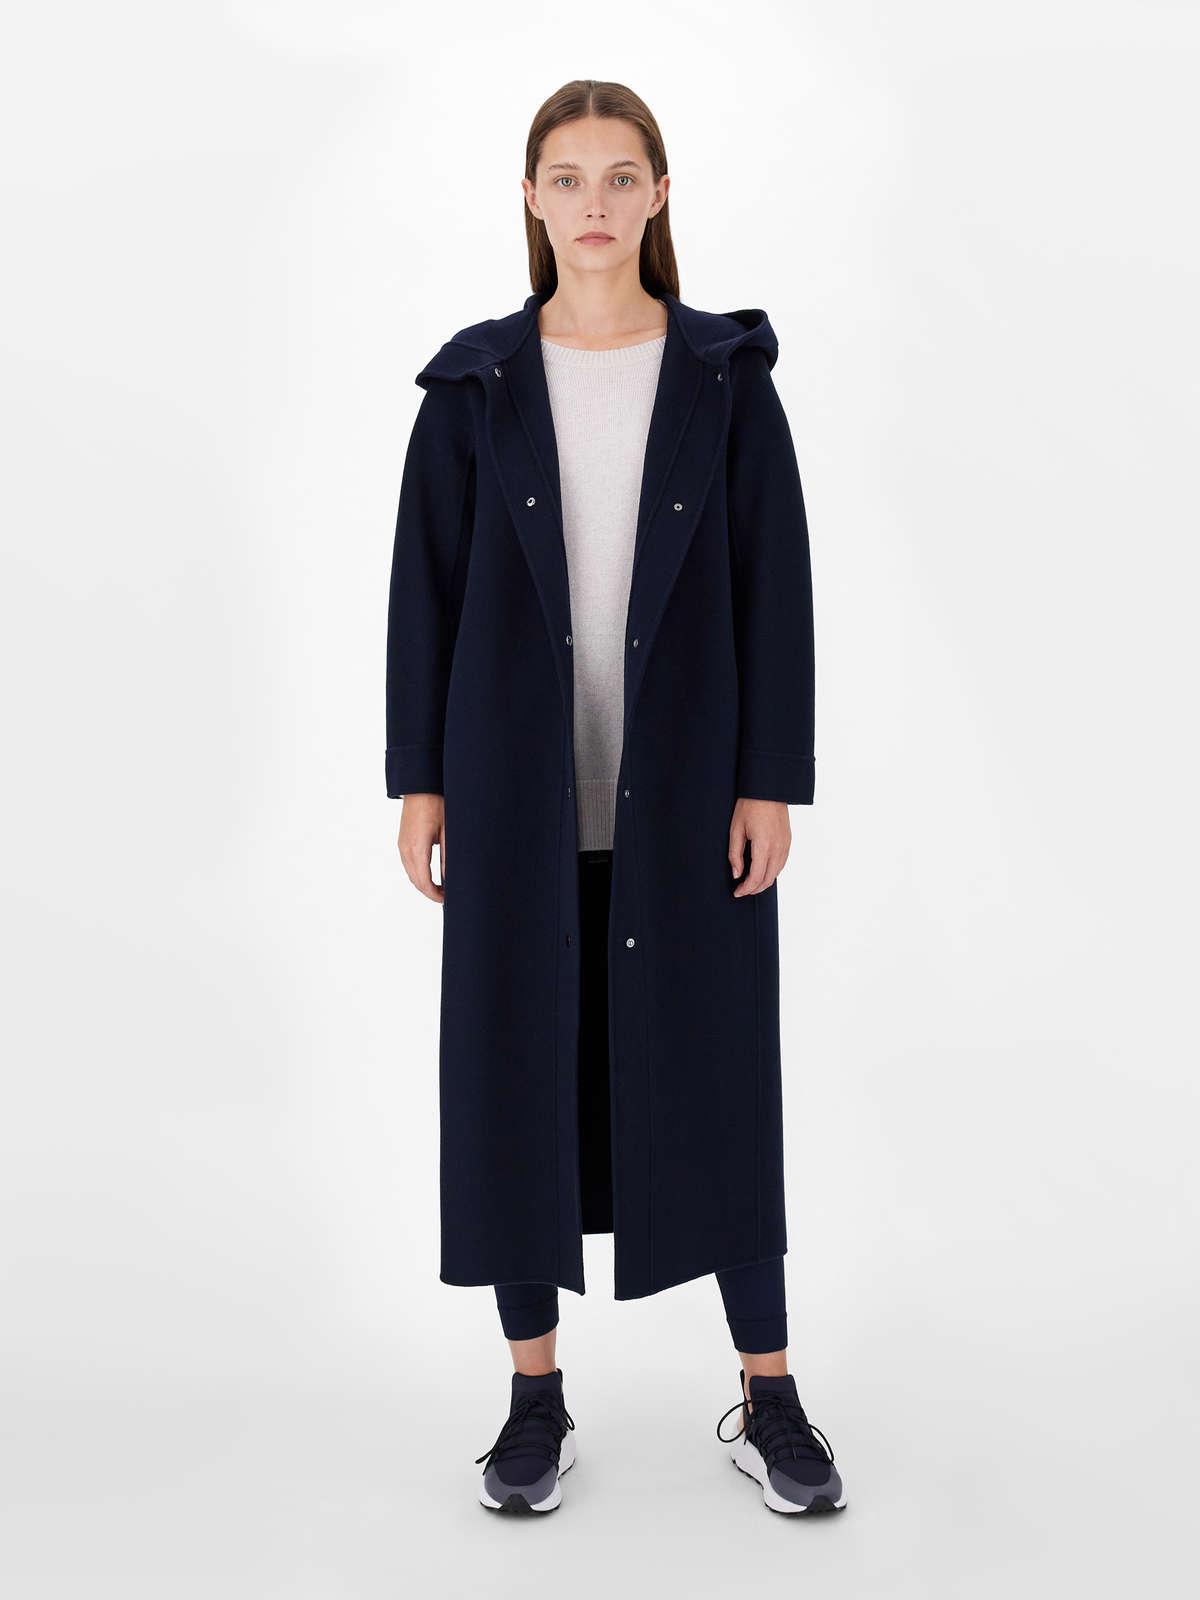 Wool coat - Max Mara